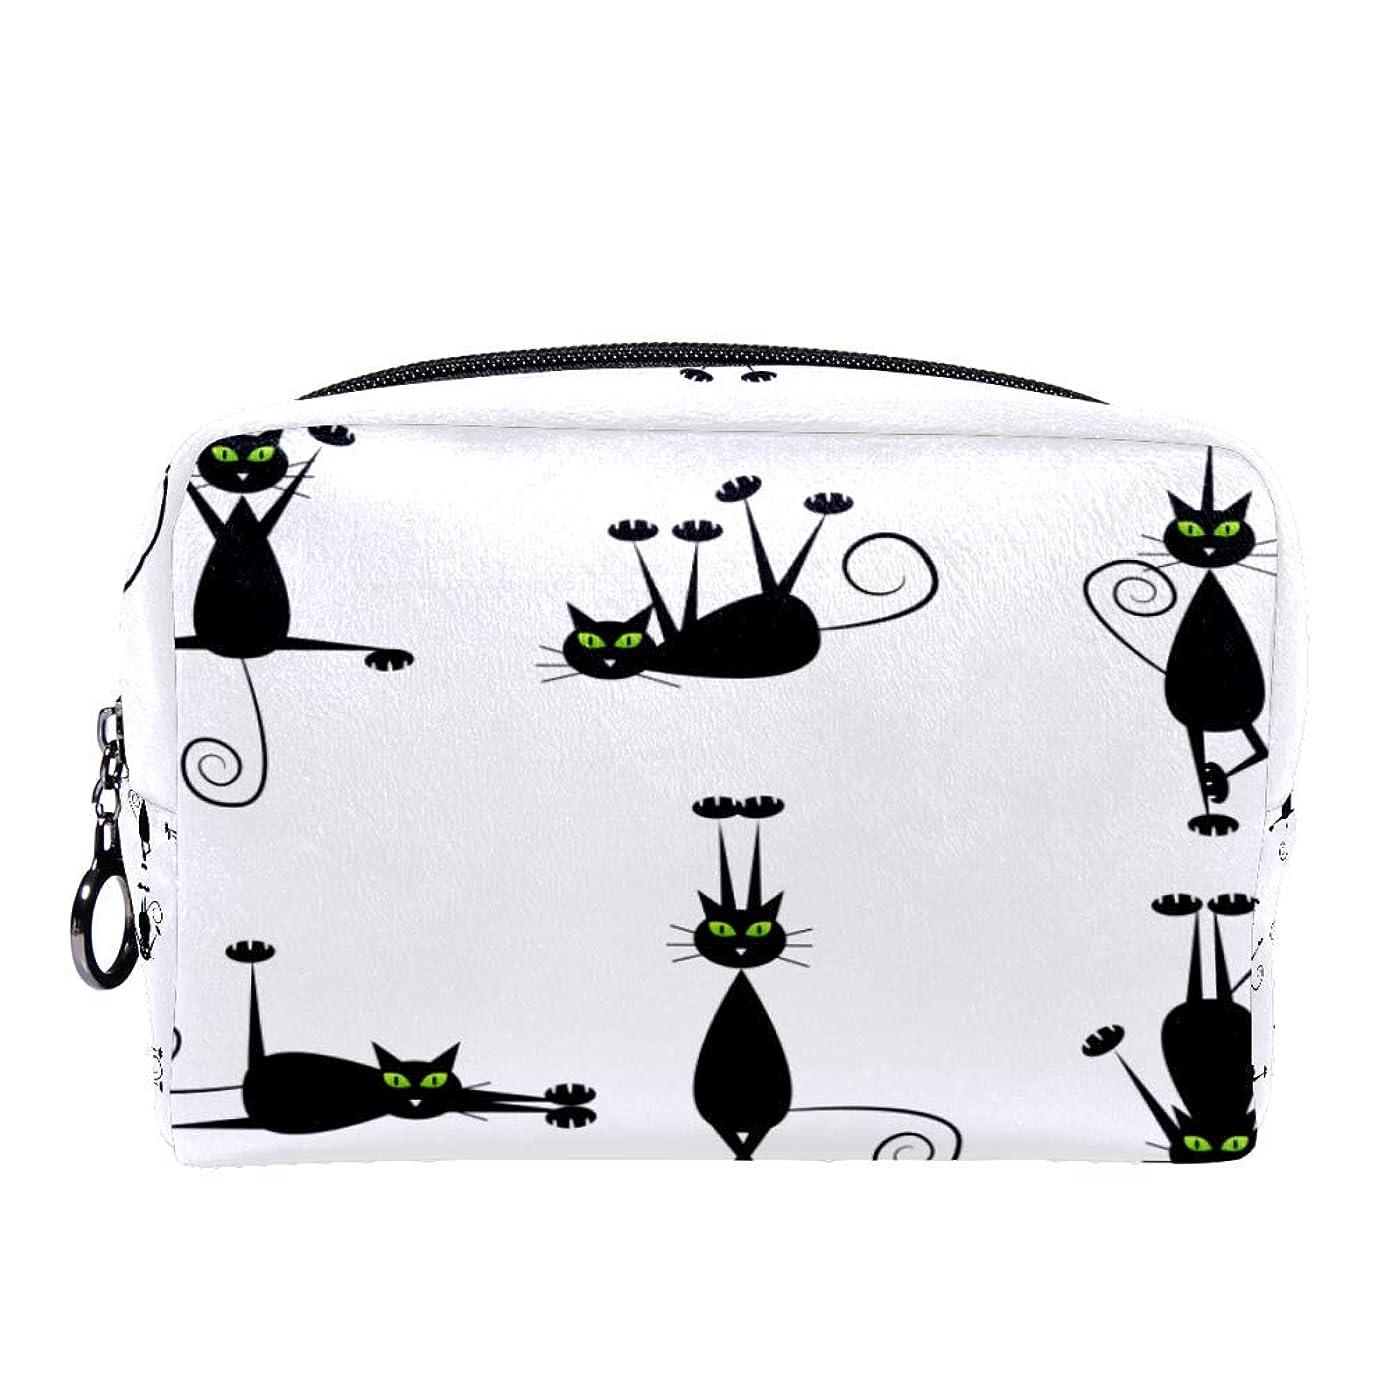 特異な工業化するに対してDragon Sword 化粧ポーチ レディース 黒い 猫柄 コスメポーチ メイクポーチ 柔らかい コンパクト 軽量 化粧品収納 小物ポーチ出張 旅行 持ち運び便利